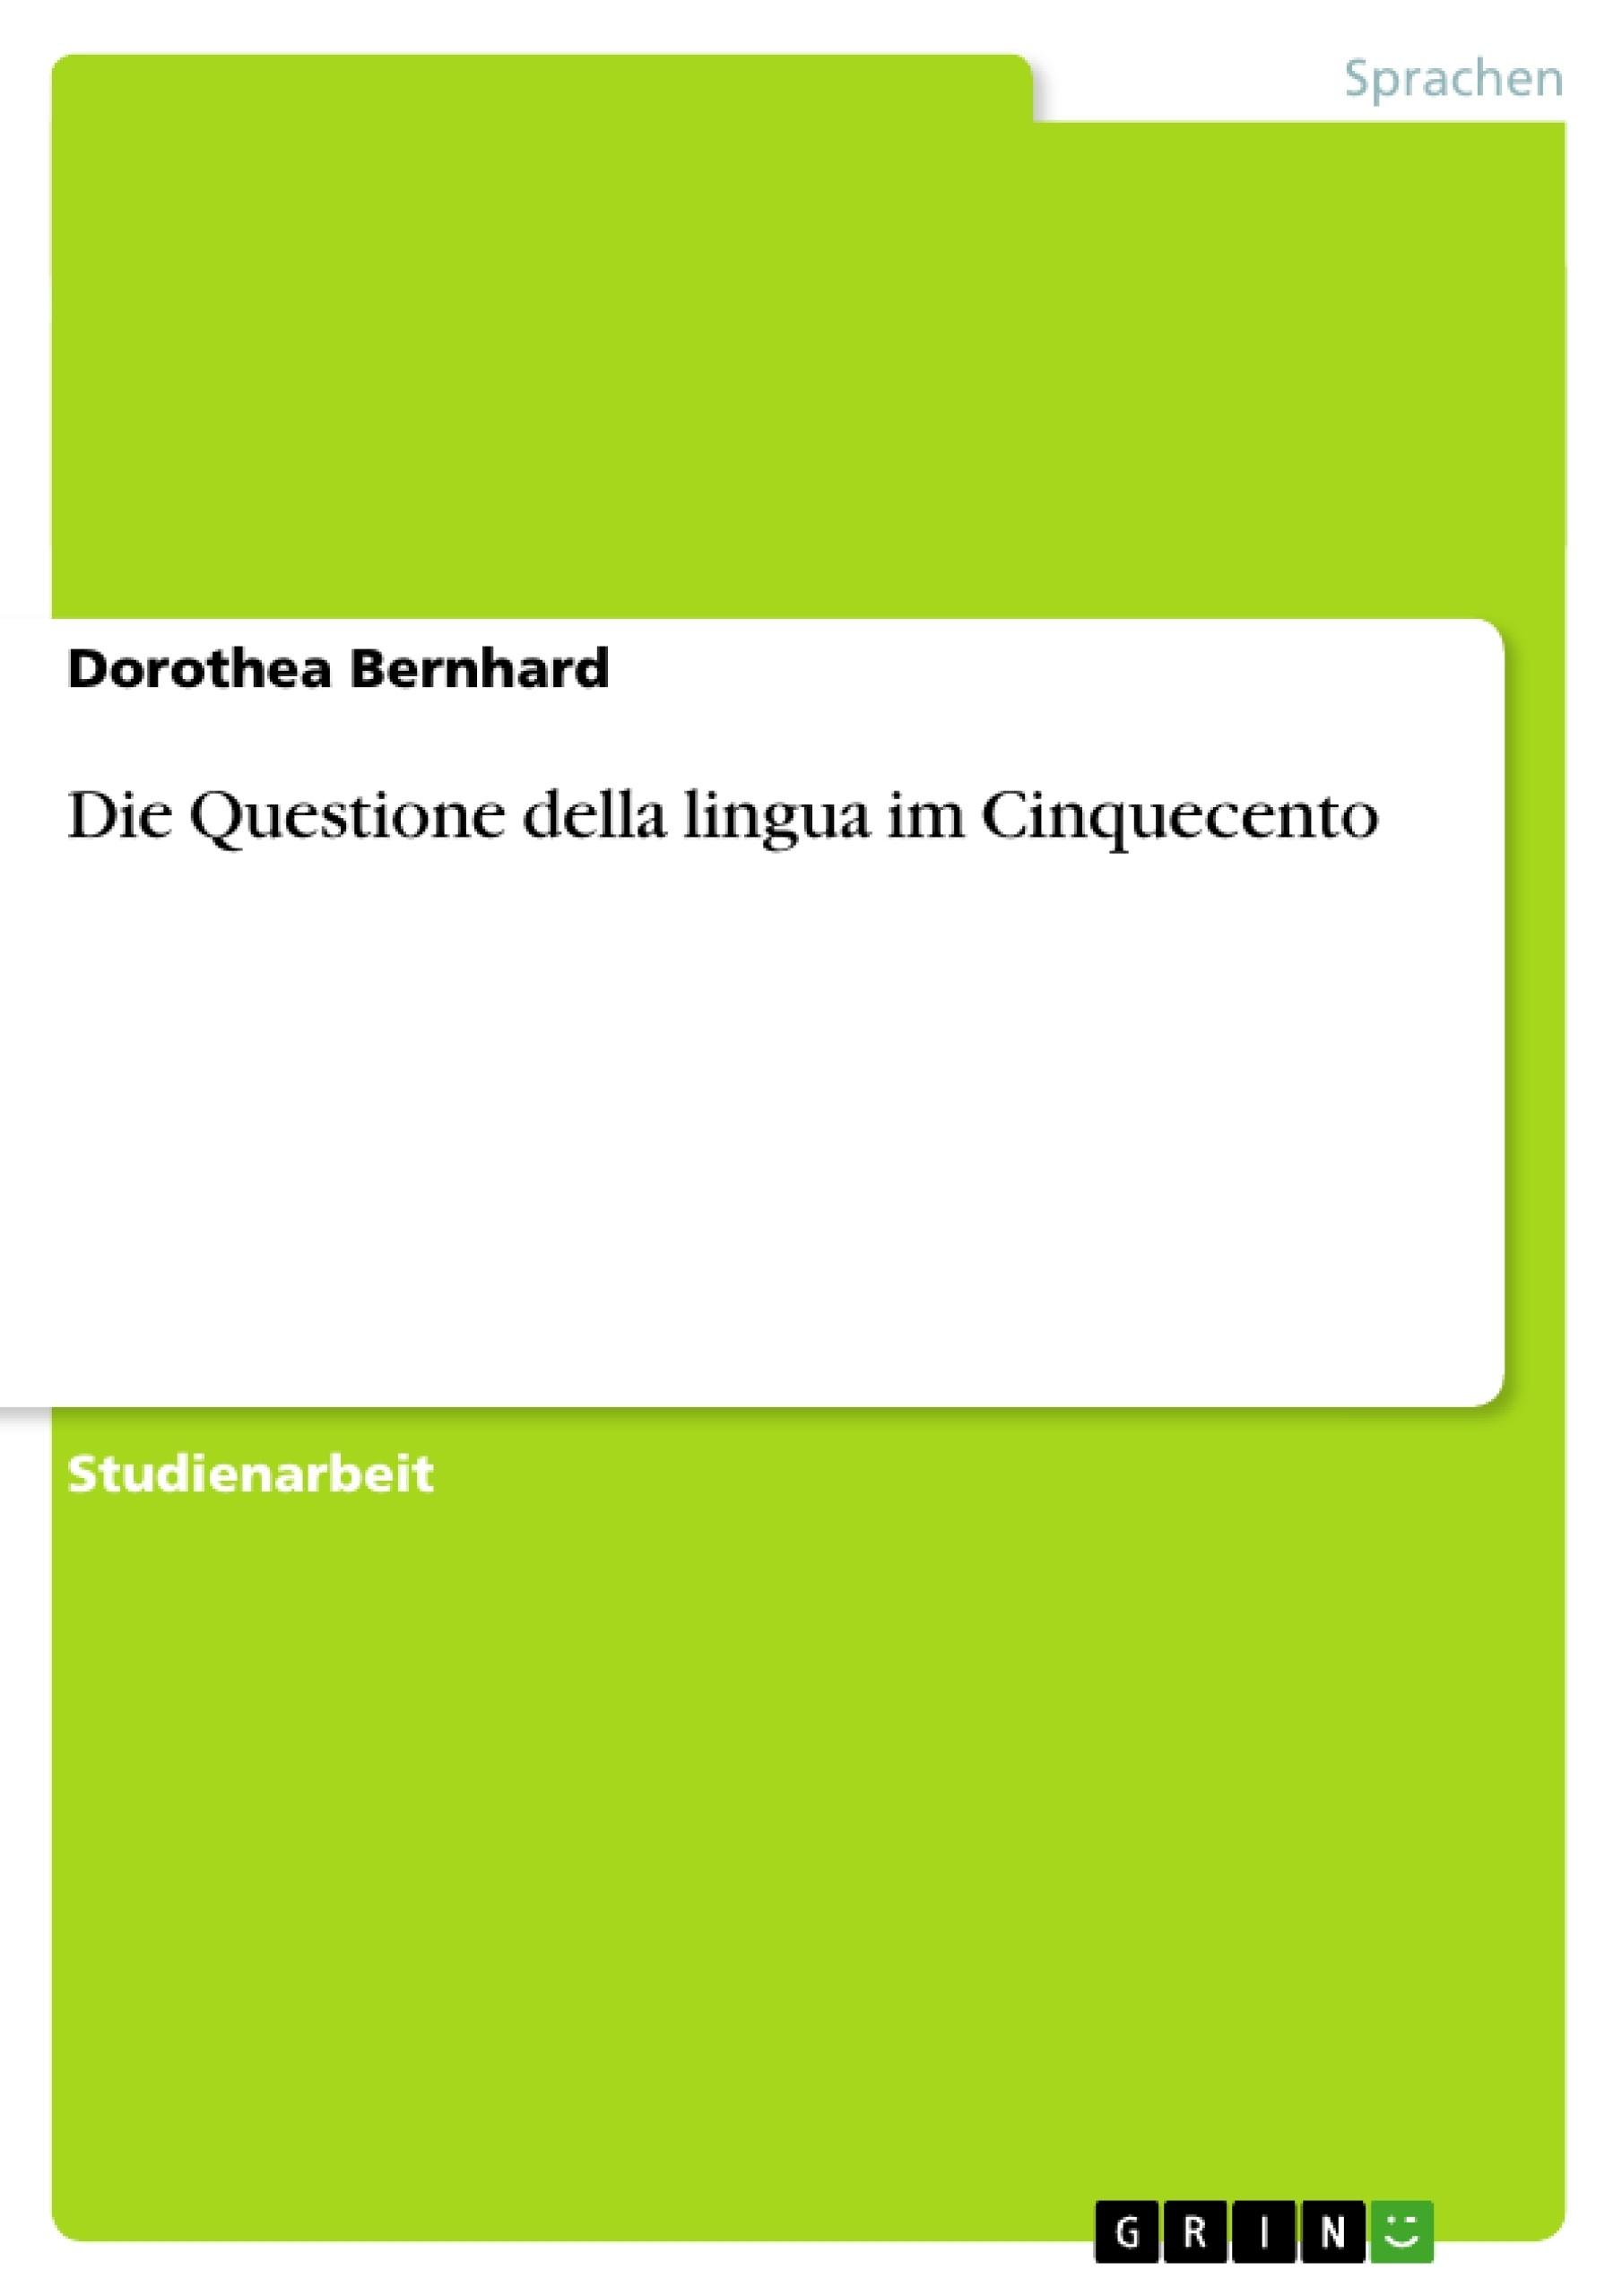 Titel: Die Questione della lingua im Cinquecento